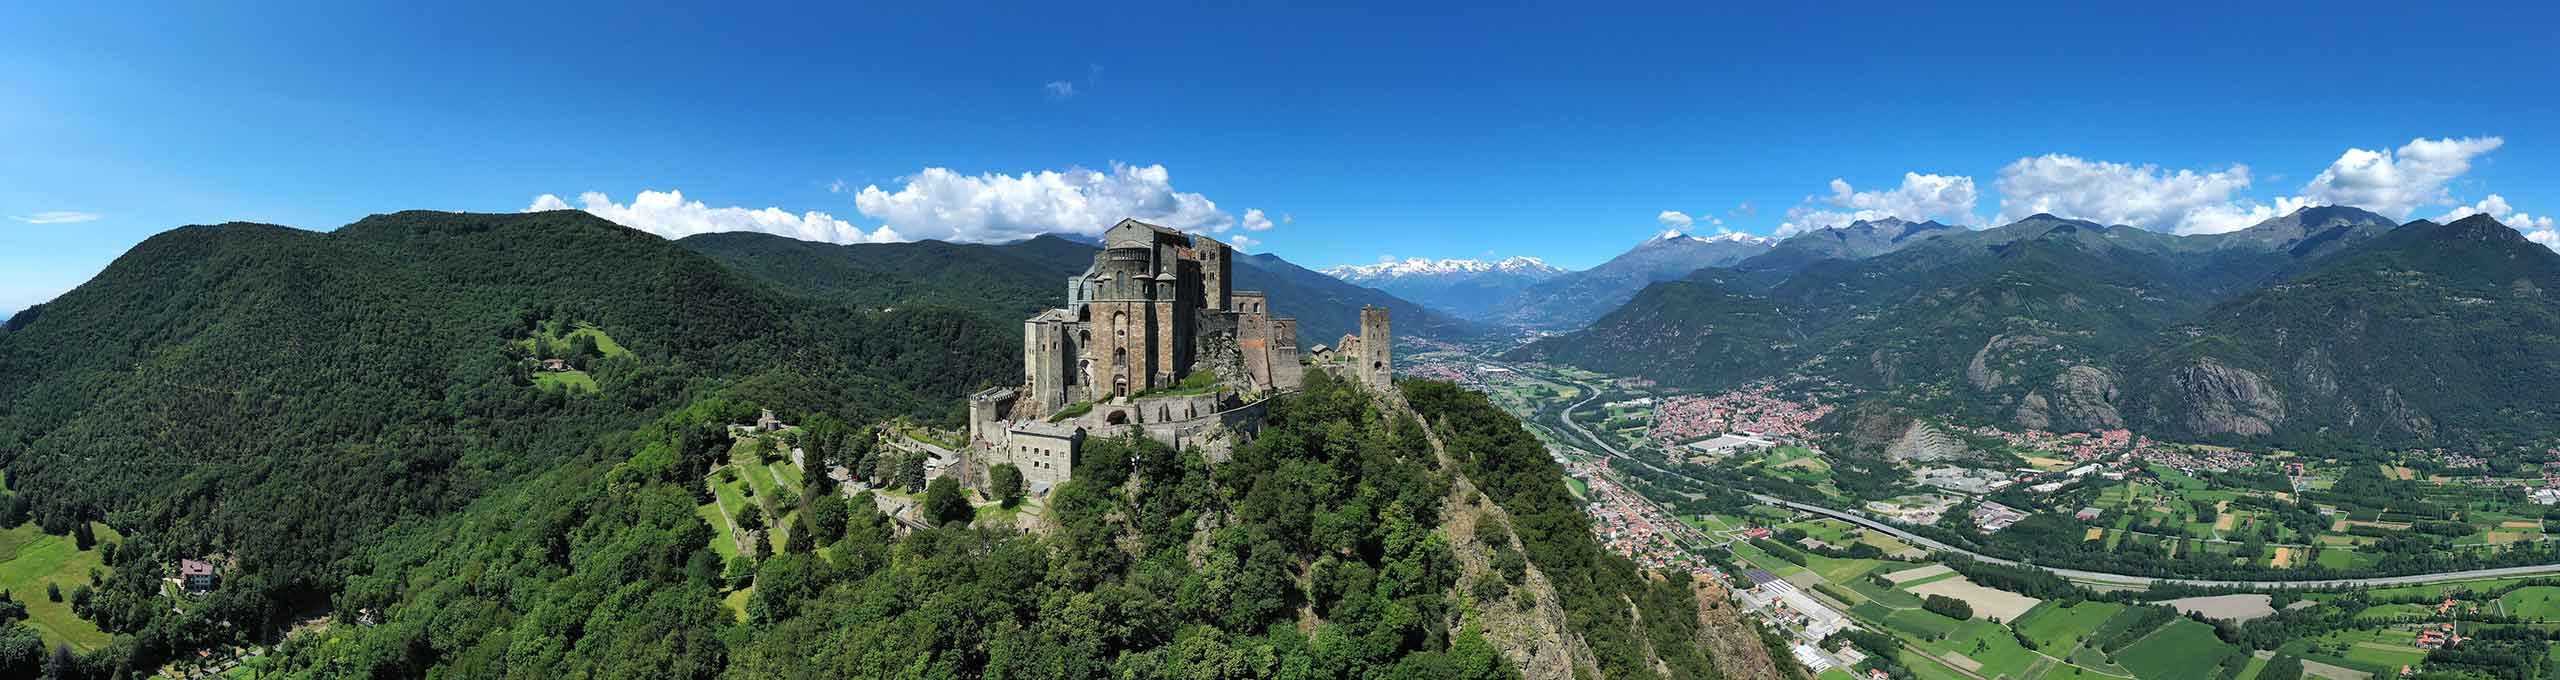 Castello di Susa, Val Susa e Sangone